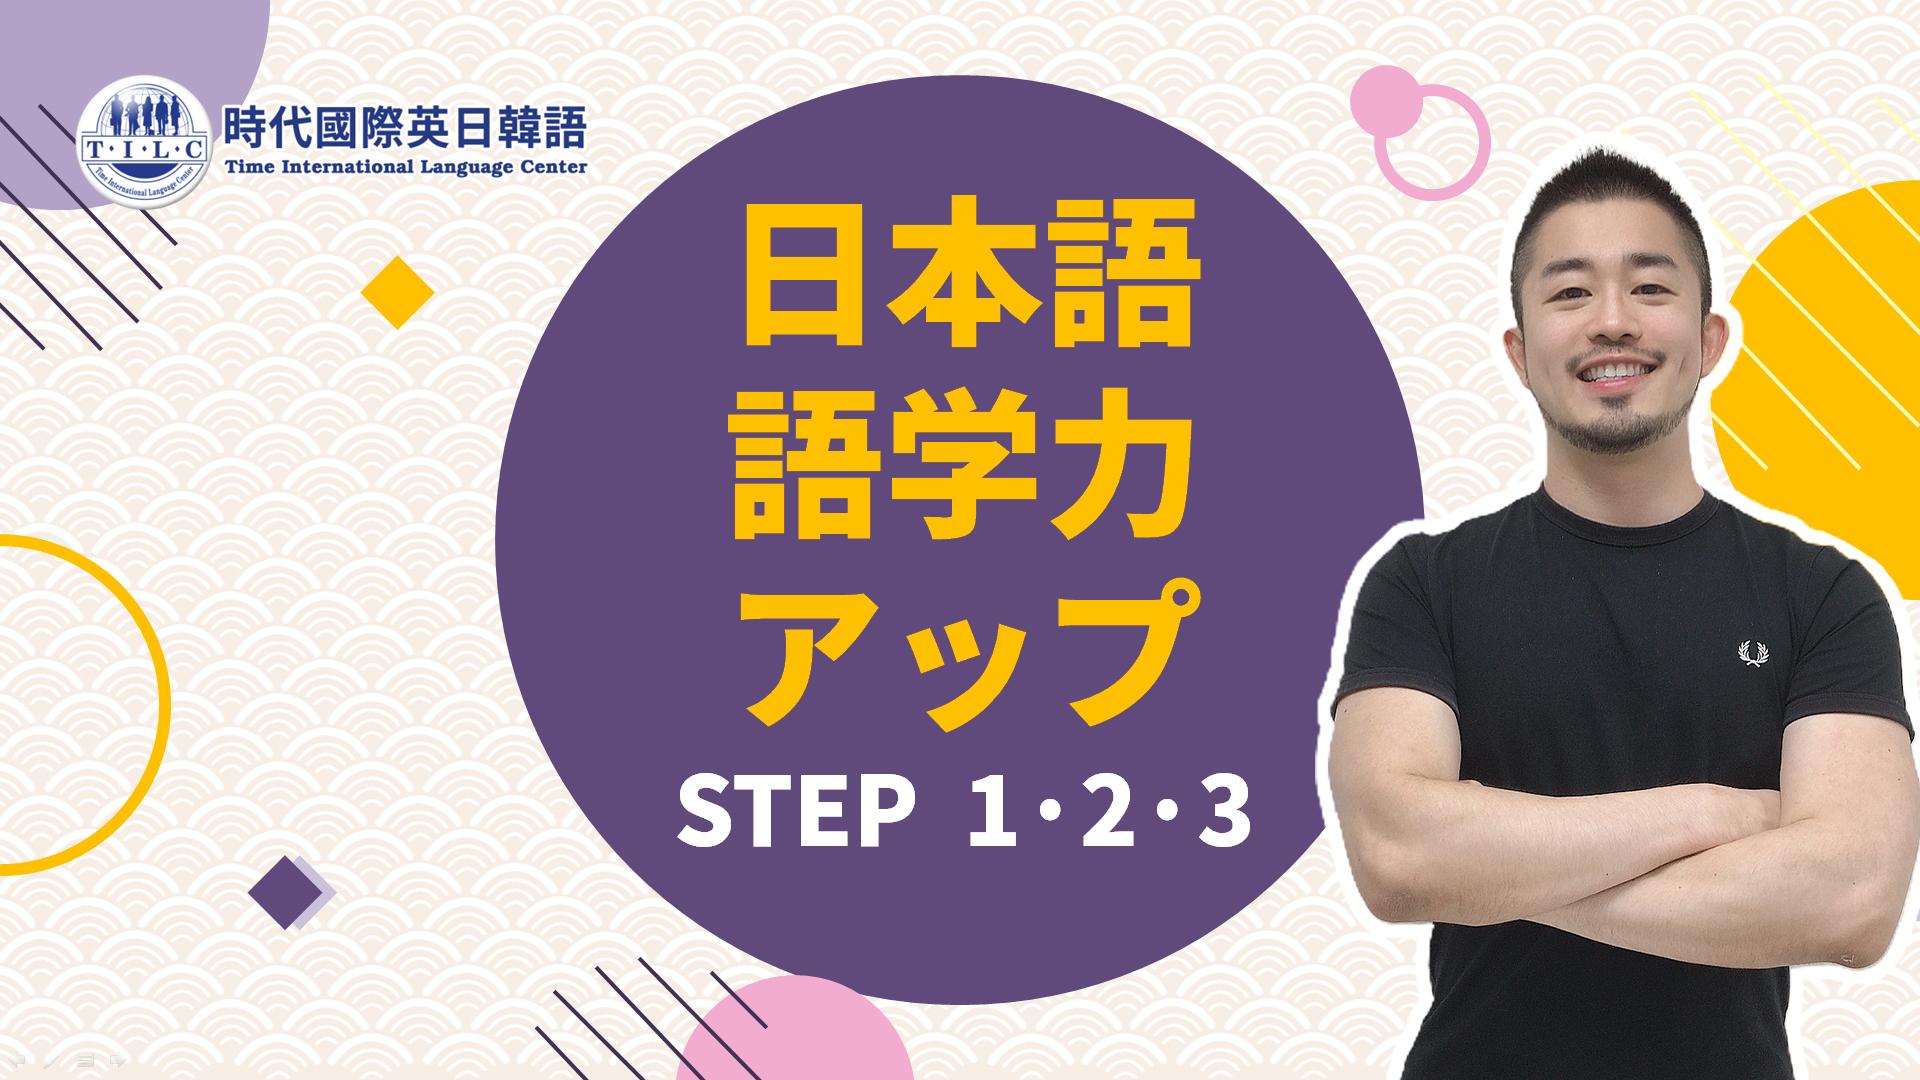 教你學日文 | 日本語語学力アップ